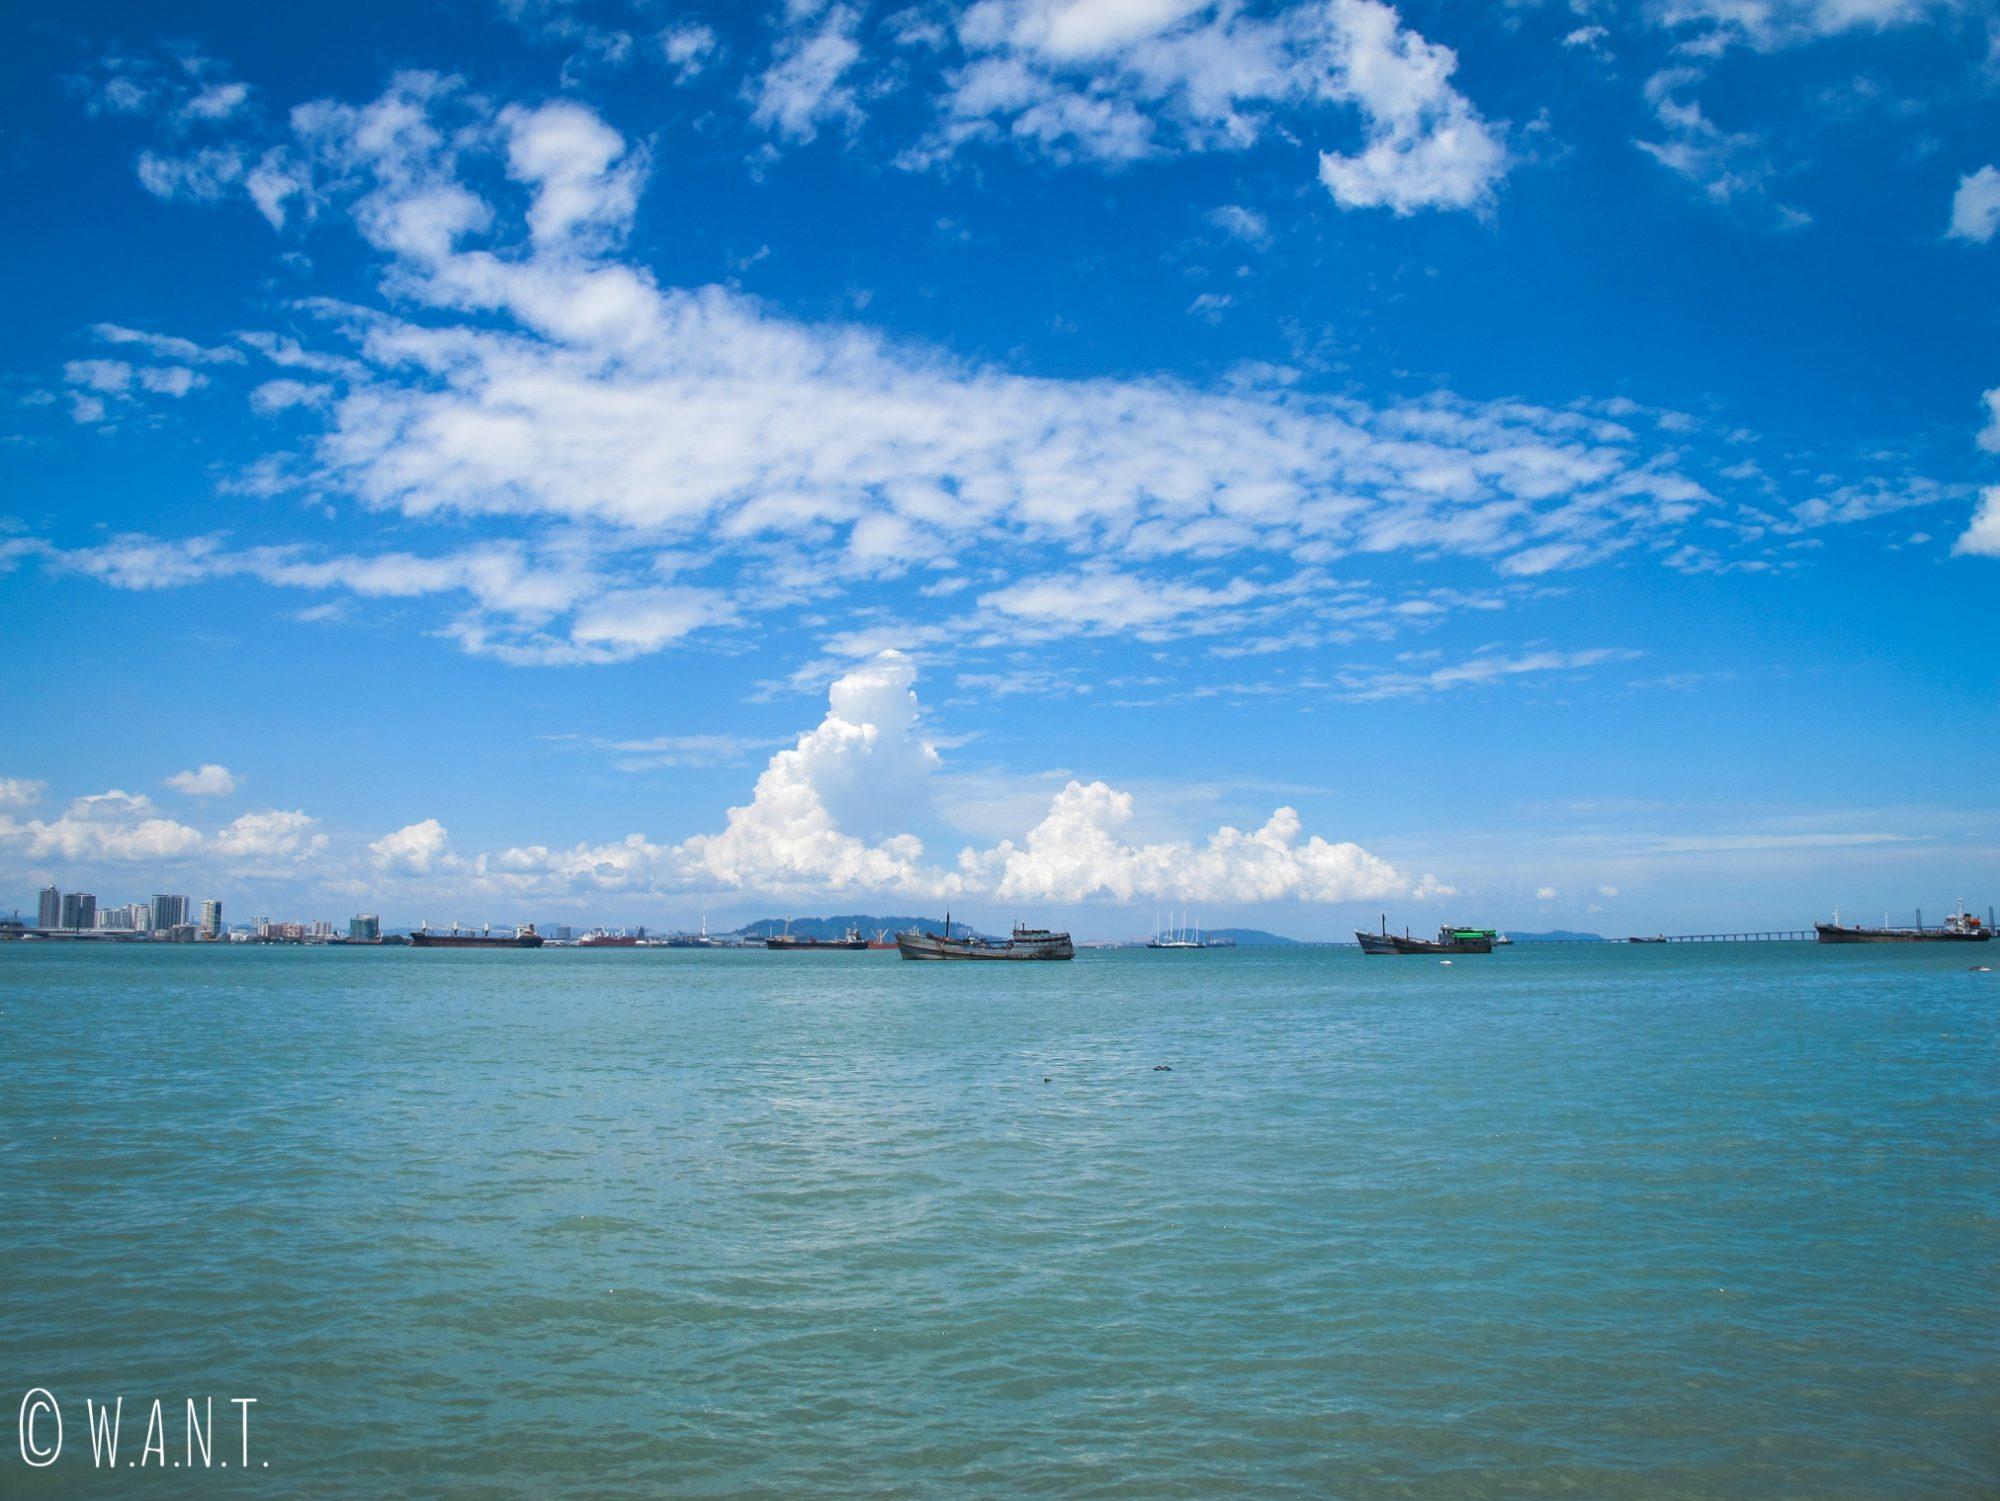 Vue sur le détroit de Malacca depuis Chew jetty à Penang